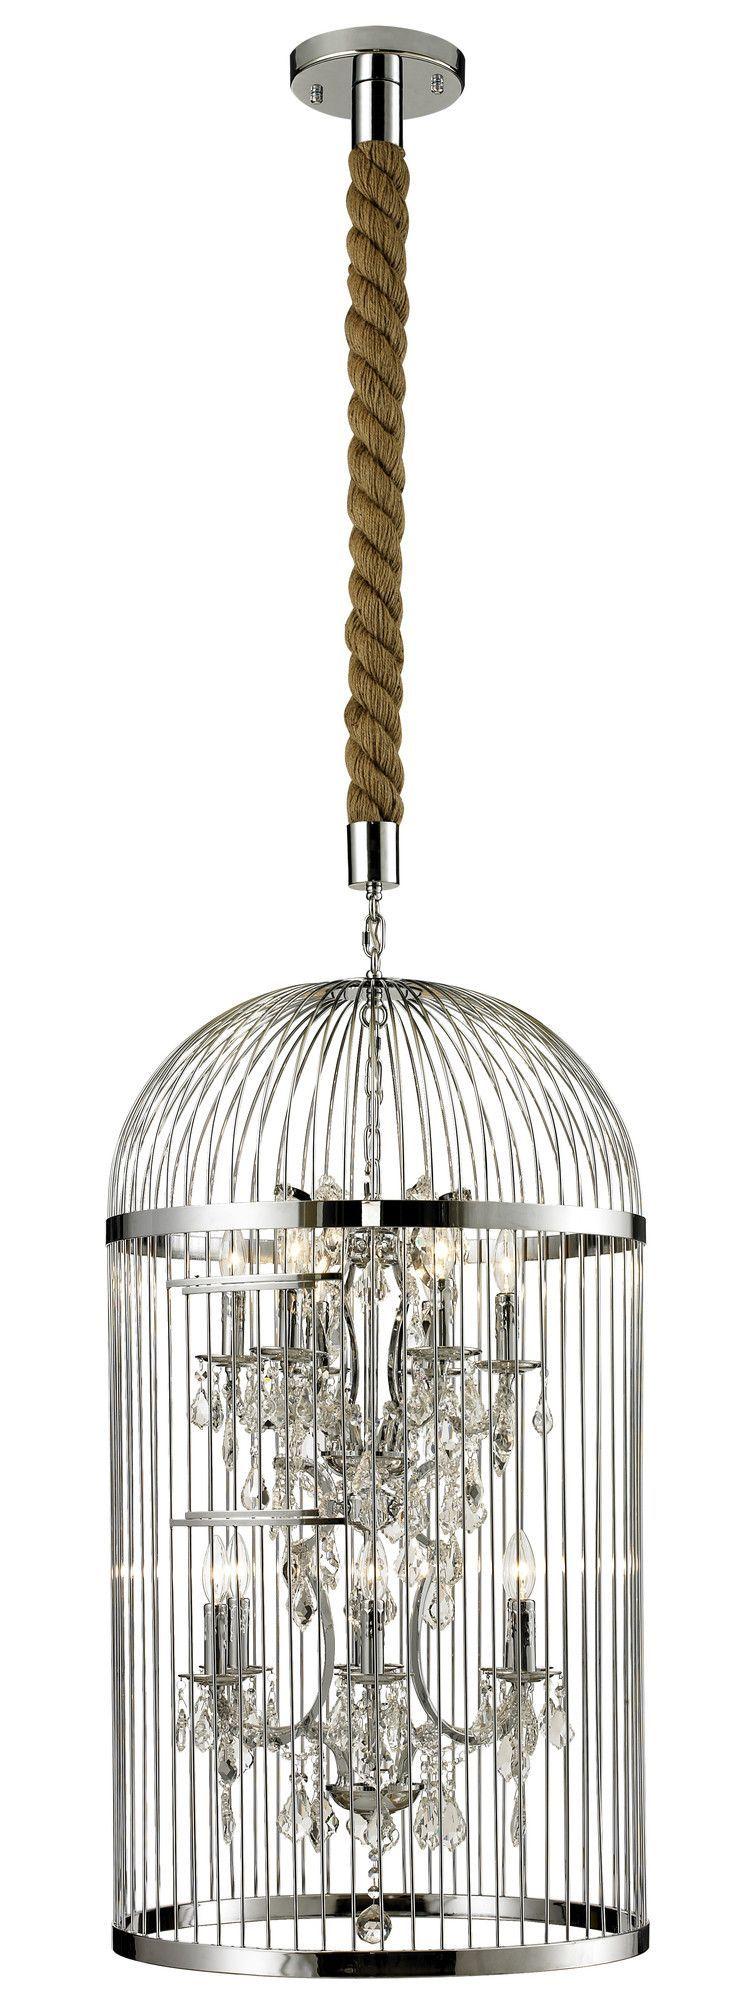 Vintage Birdcage Chandelier Lampadari, Vintage